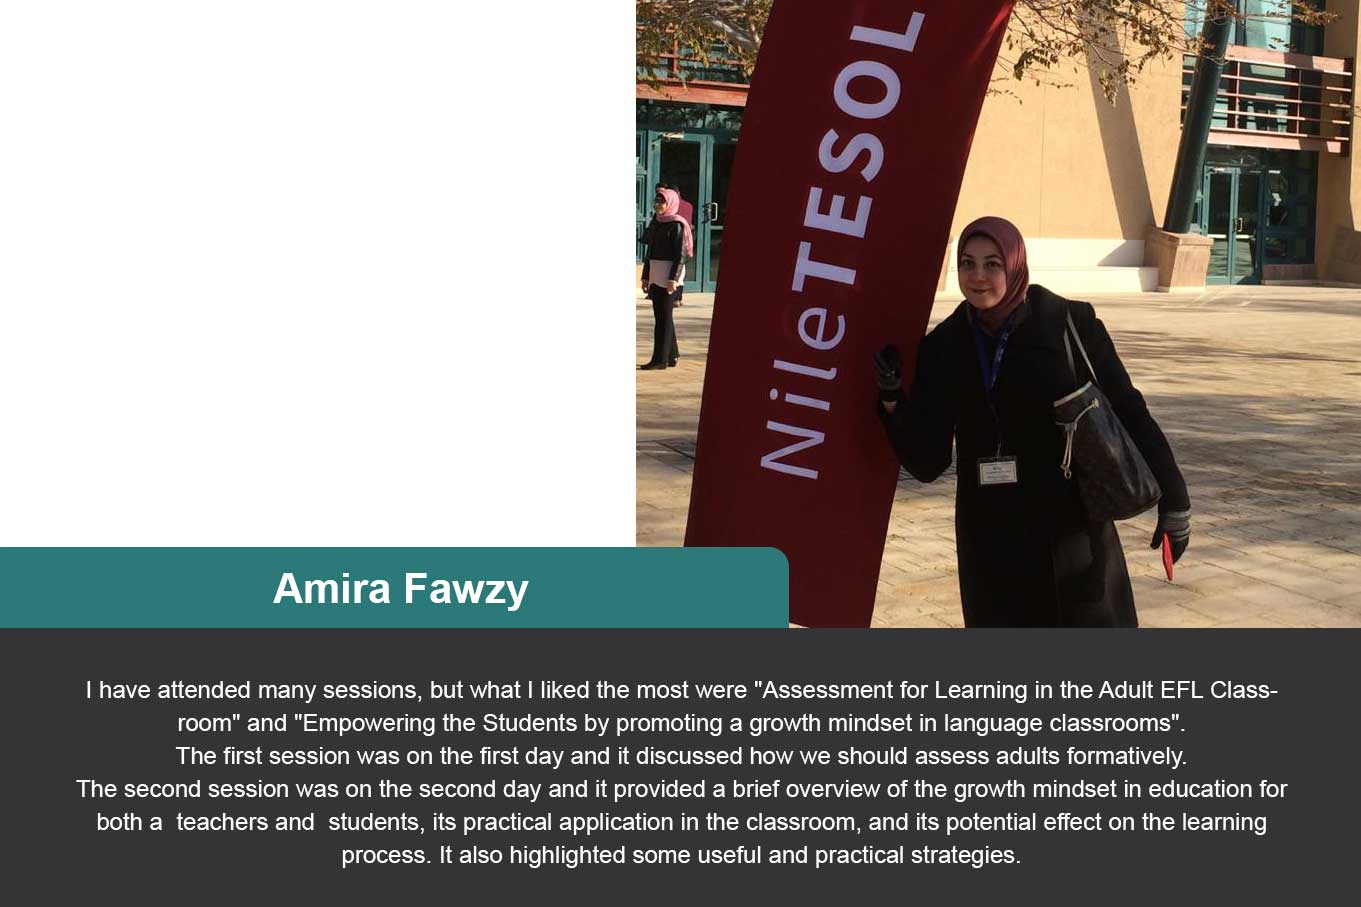 Amira fawzy